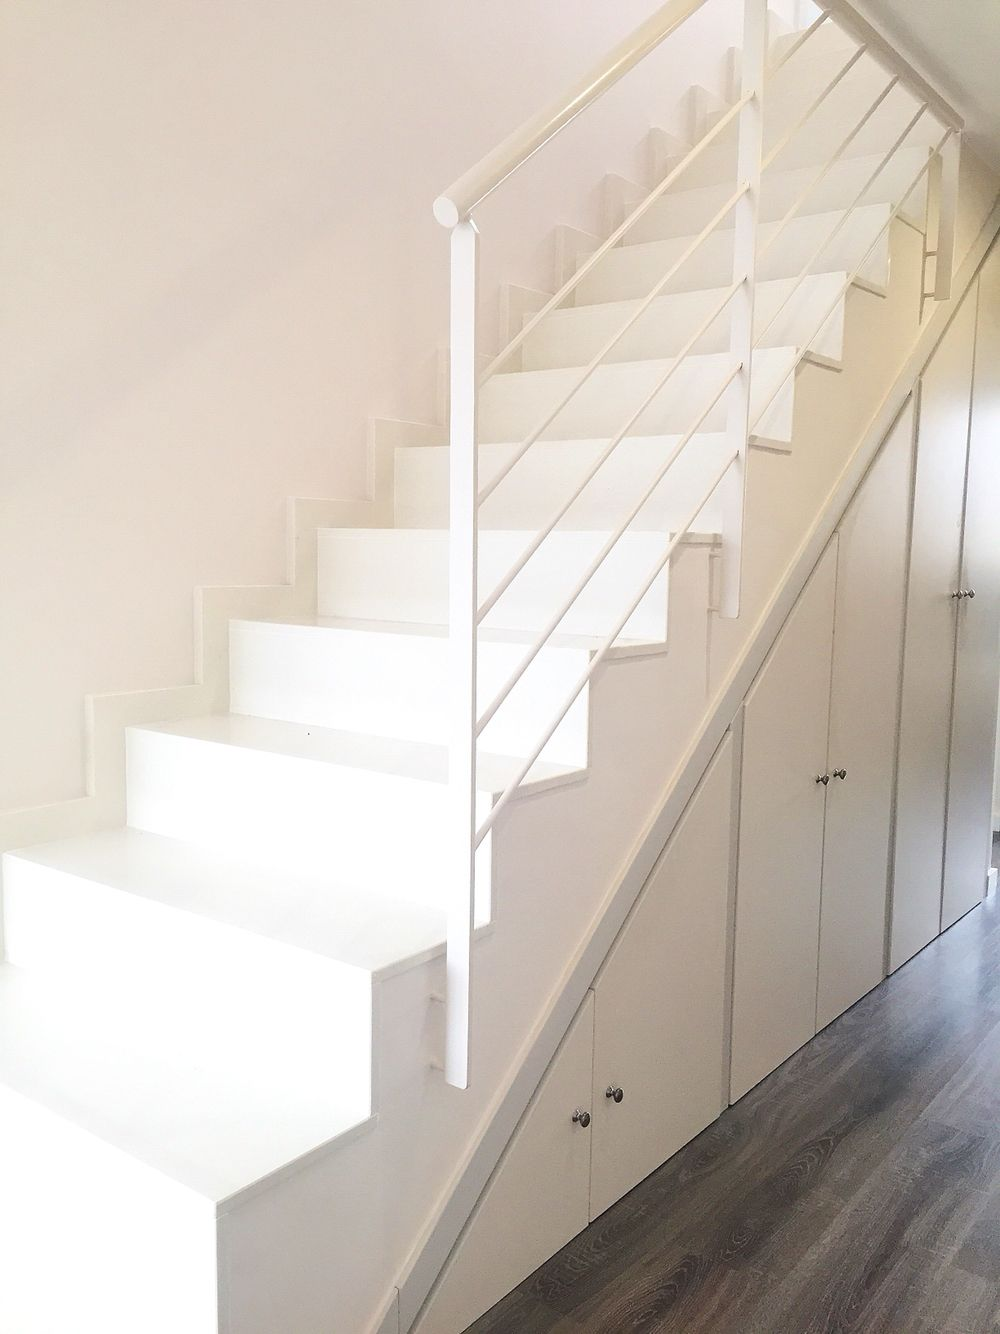 Escaleras marmol y piso madera buscar con google - Marmol para escaleras ...